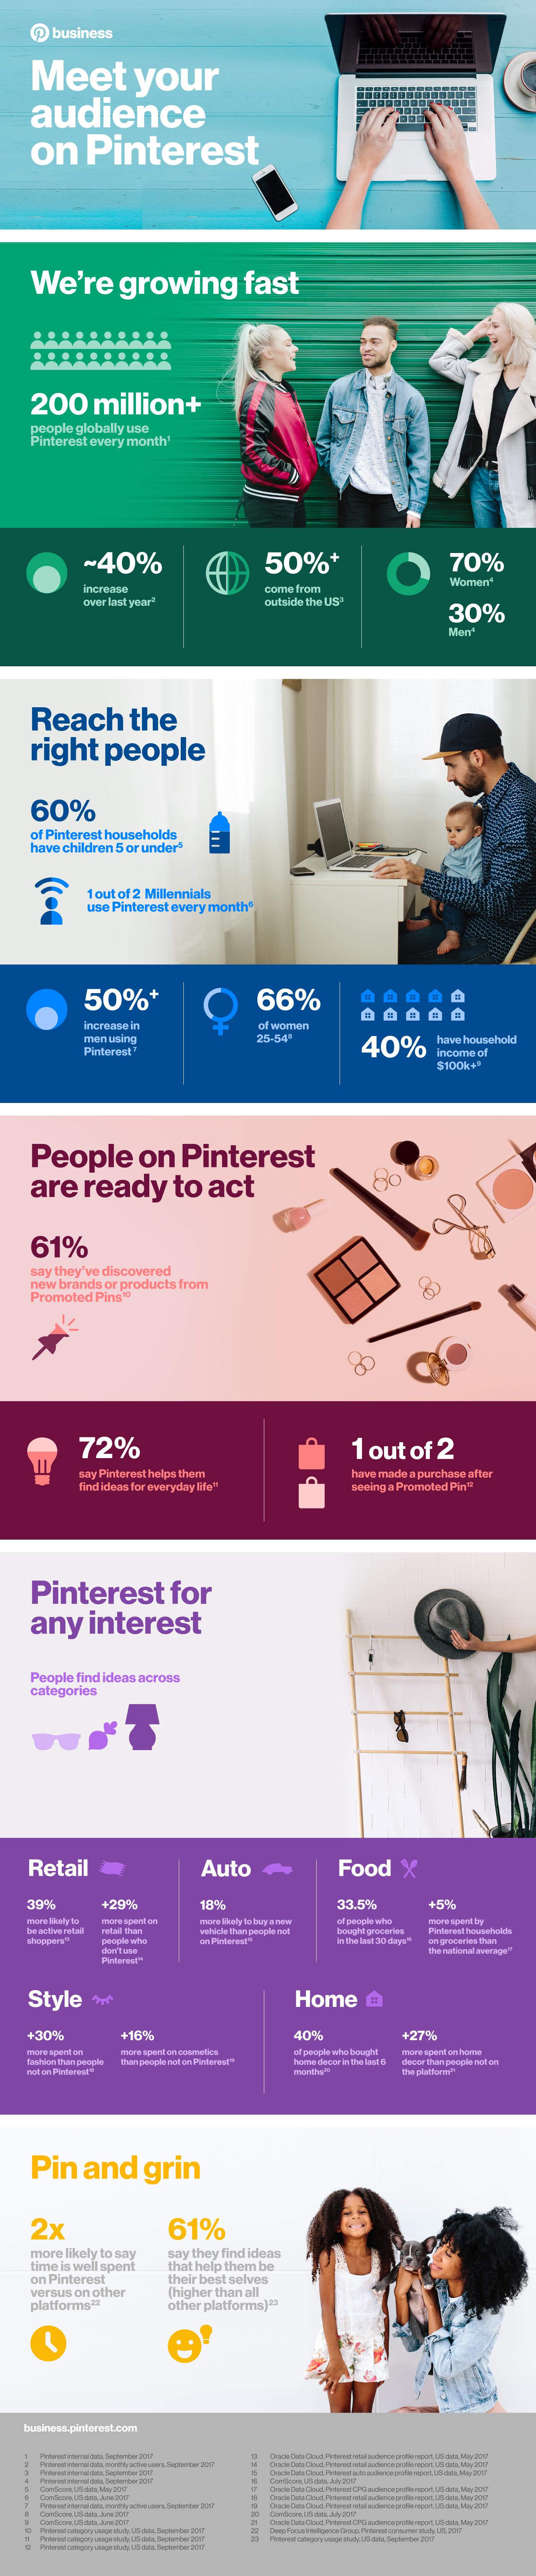 Usuarios de Pinterest